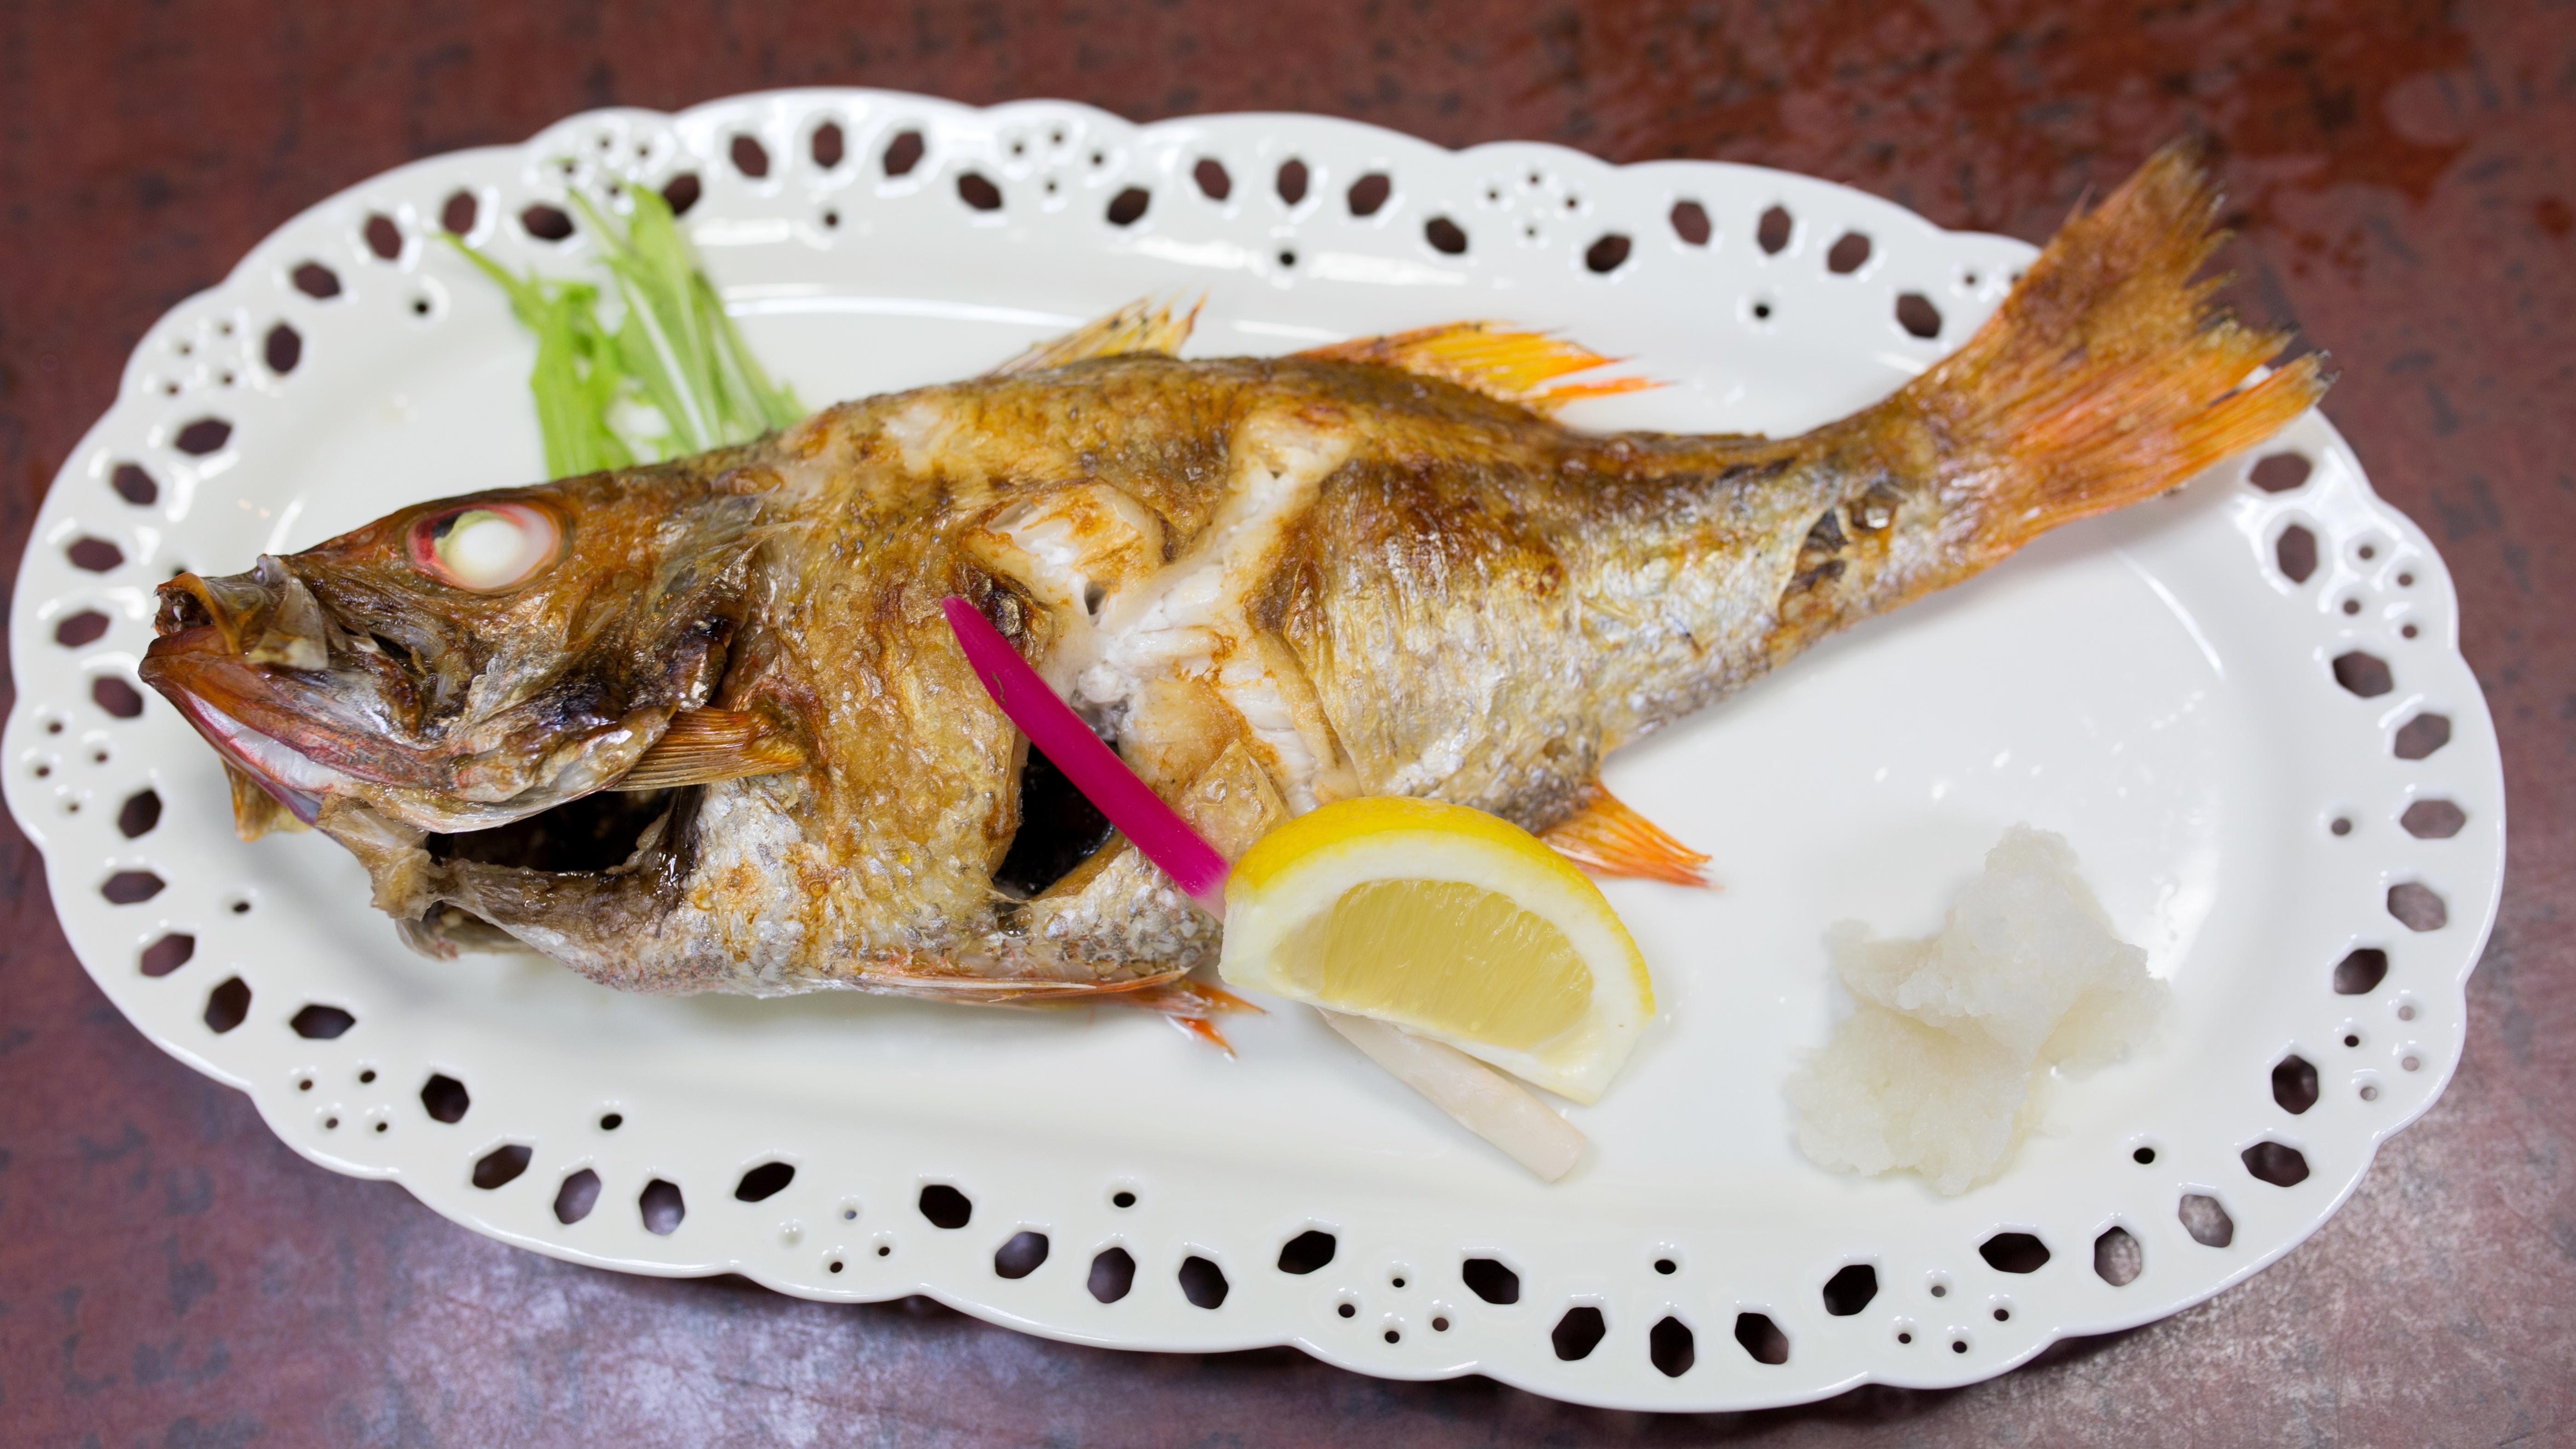 Nodoguro grilled with salt, Kappo Uosen, Nagaoka 01.jpg